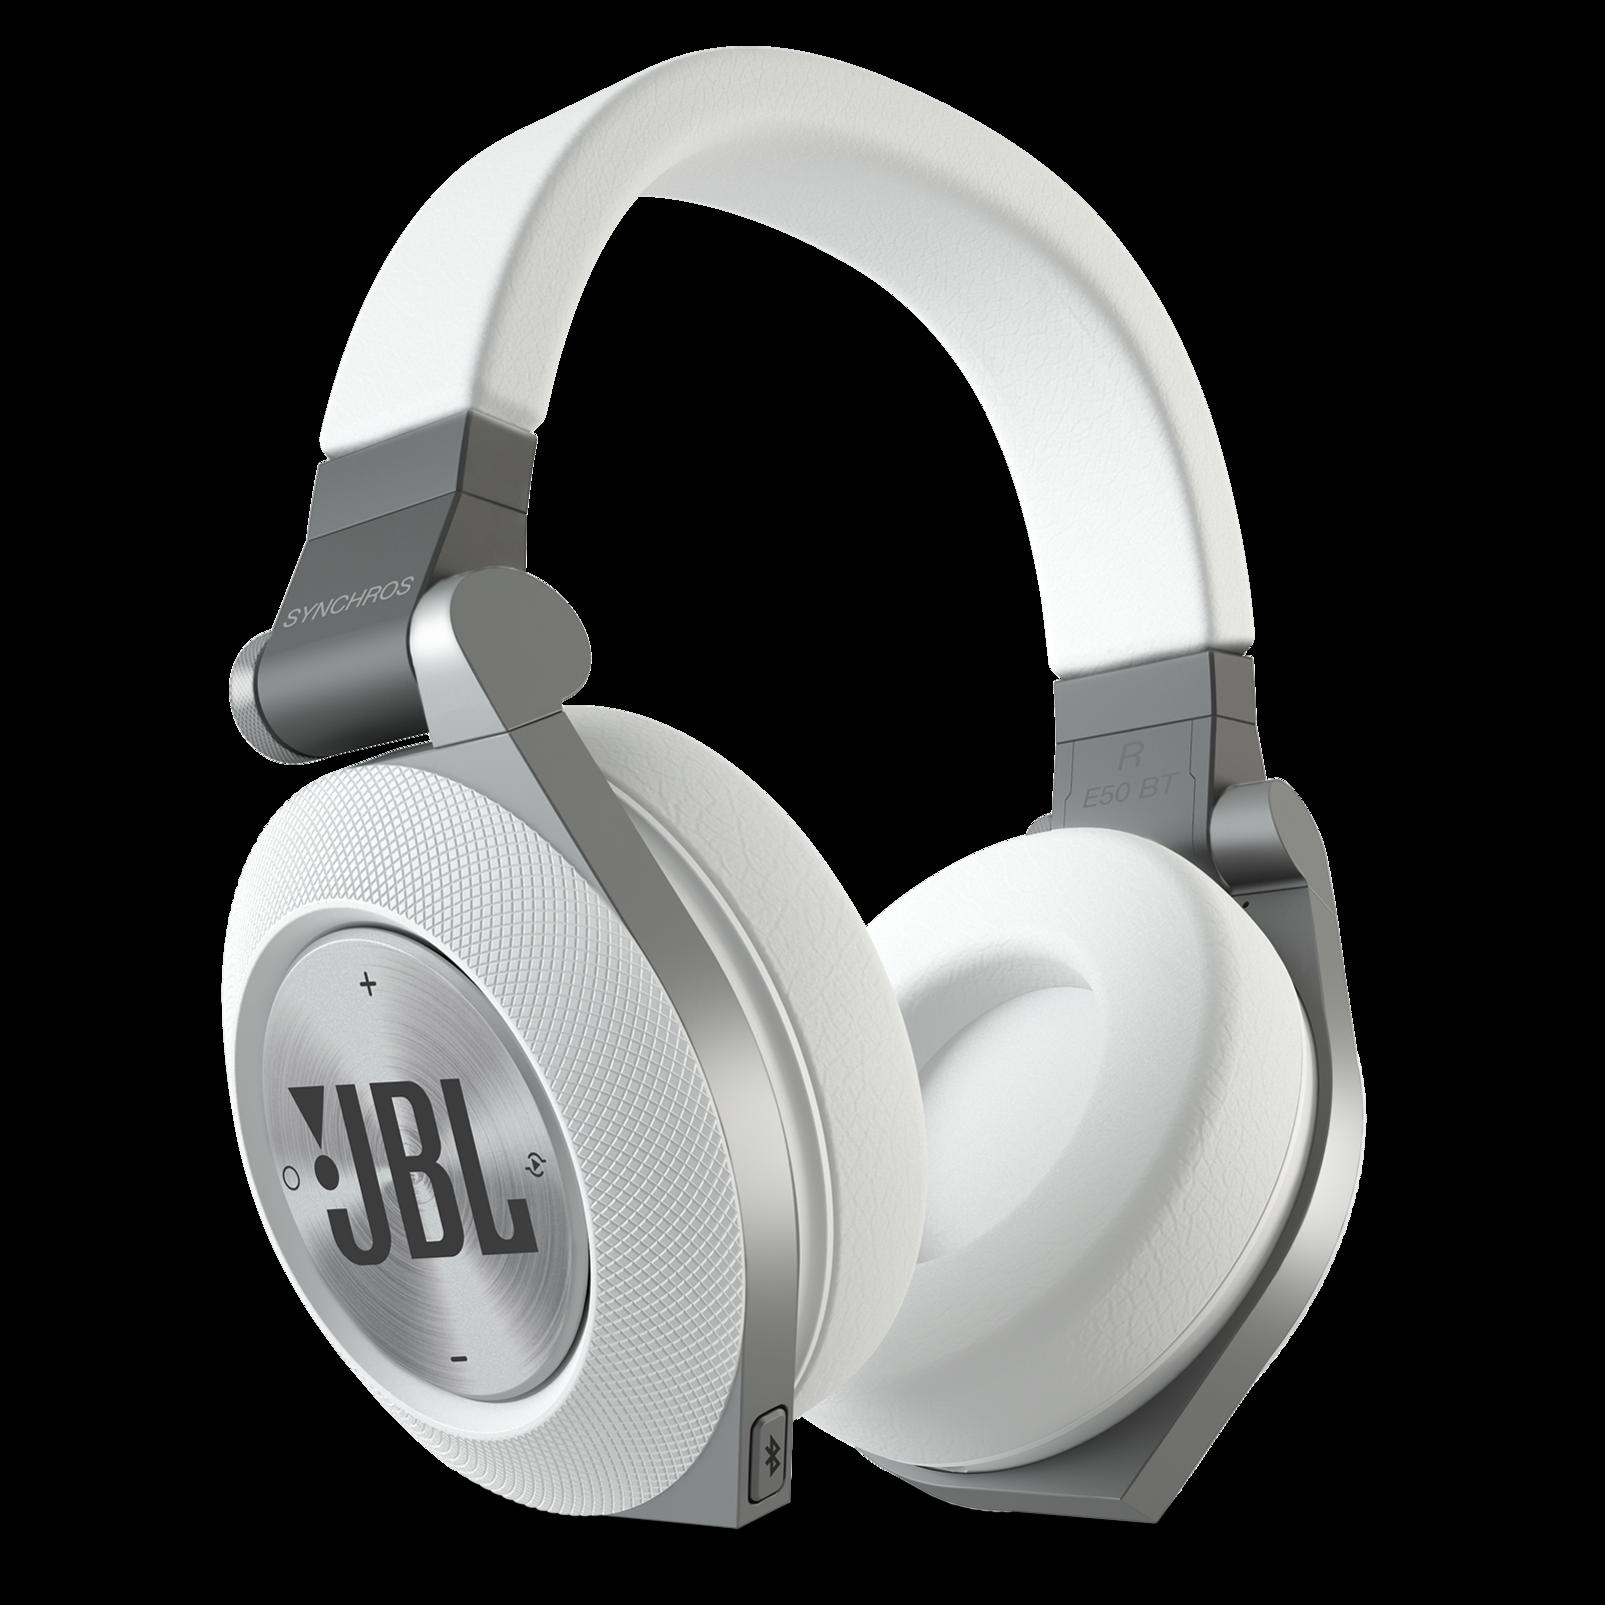 Synchros E50bt Over Ear Bluetooth Headphones With Shareme Music